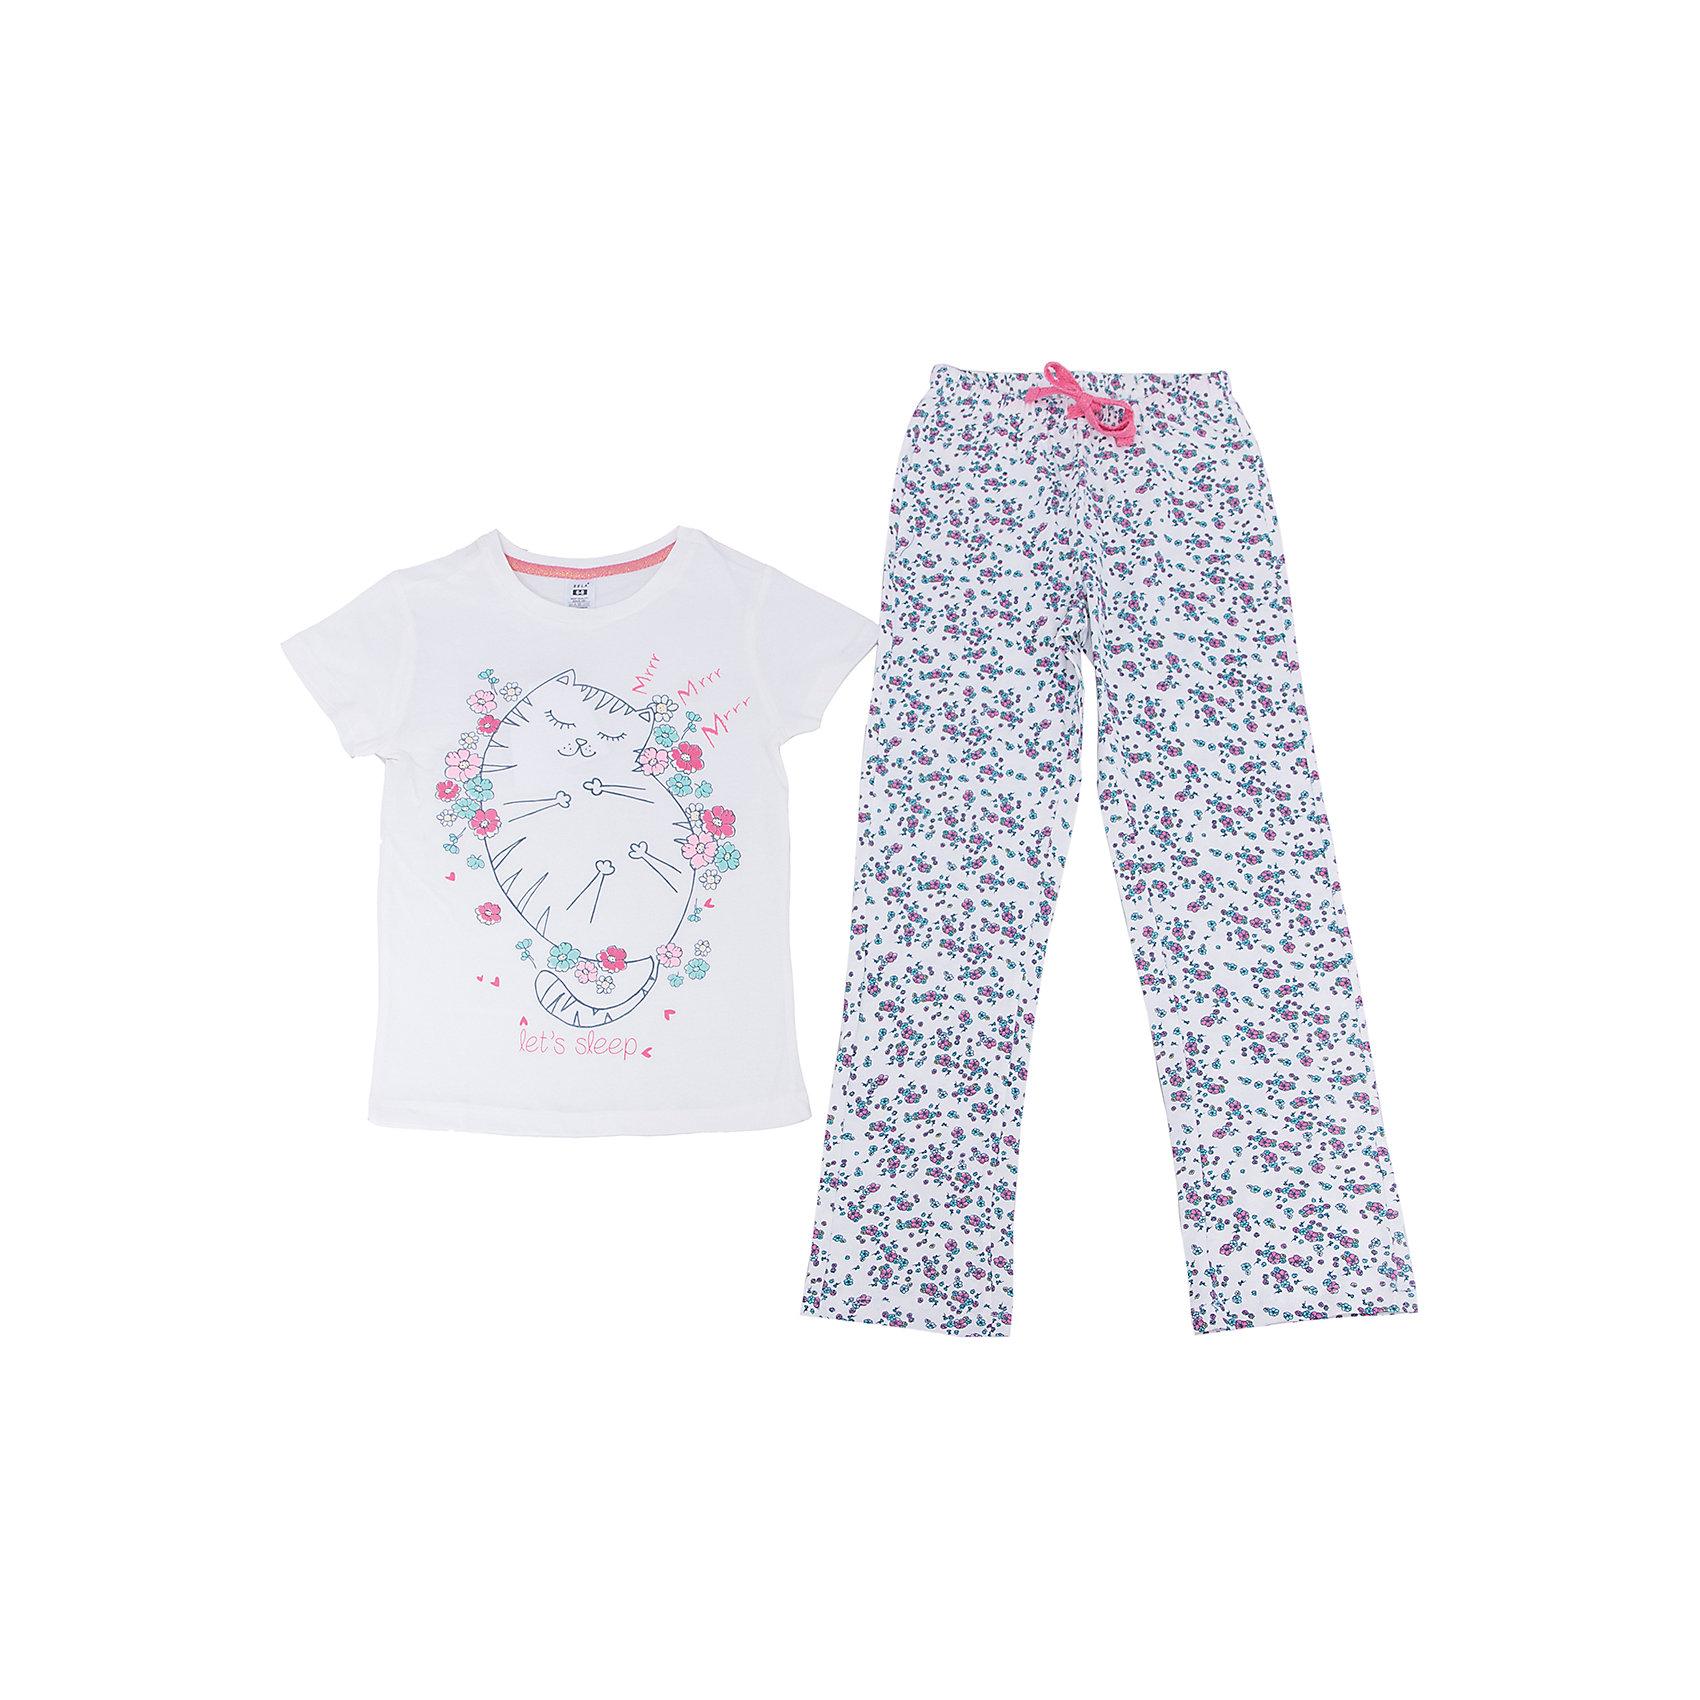 Пижама для девочки SELAПижамы и сорочки<br>Характеристики товара:<br><br>• цвет: молочный<br>• состав: 100% хлопок<br>• комплектация: футболка, брюки<br>• короткие рукава<br>• принт<br>• пояс: мягкая резинка и шнурок<br>• коллекция весна-лето 2017<br>• страна бренда: Российская Федерация<br>• страна производства: Индия<br><br>Вещи из новой коллекции SELA продолжают радовать удобством! Симпатичная пижама поможет обеспечить ребенку комфорт - она очень удобно сидит на теле. В составе материала - натуральный хлопок. Отличная одежда для комфортного сна!<br><br>Одежда, обувь и аксессуары от российского бренда SELA не зря пользуются большой популярностью у детей и взрослых! Модели этой марки - стильные и удобные, цена при этом неизменно остается доступной. Для их производства используются только безопасные, качественные материалы и фурнитура. Новая коллекция поддерживает хорошие традиции бренда! <br><br>Пижаму для девочки от популярного бренда SELA (СЕЛА) можно купить в нашем интернет-магазине.<br><br>Ширина мм: 281<br>Глубина мм: 70<br>Высота мм: 188<br>Вес г: 295<br>Цвет: молочный<br>Возраст от месяцев: 96<br>Возраст до месяцев: 108<br>Пол: Женский<br>Возраст: Детский<br>Размер: 128/134,140/146,92/98,104/110,116/122<br>SKU: 5302851